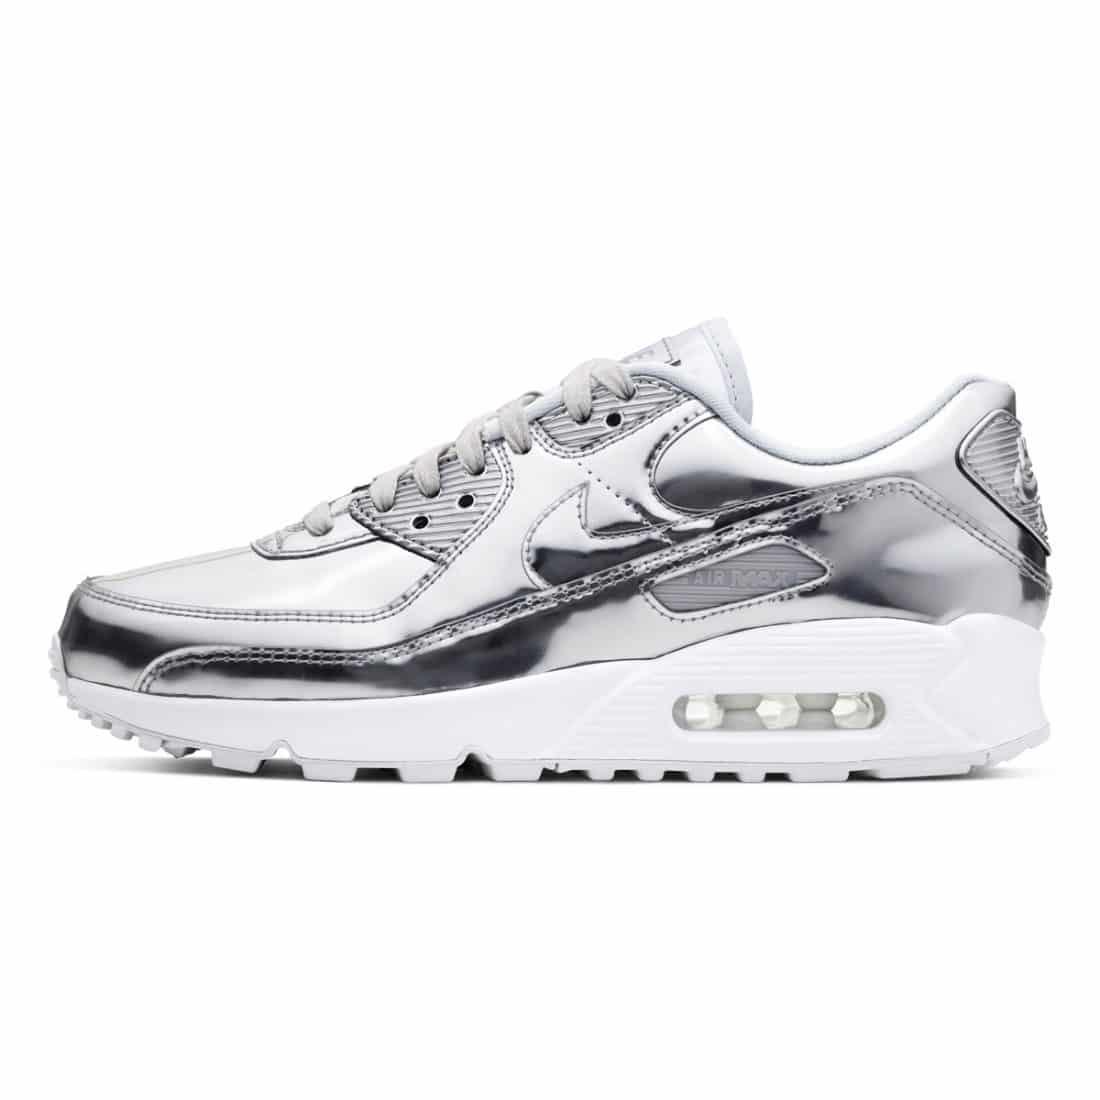 Nike Air Max 90 SP Metallic Pack